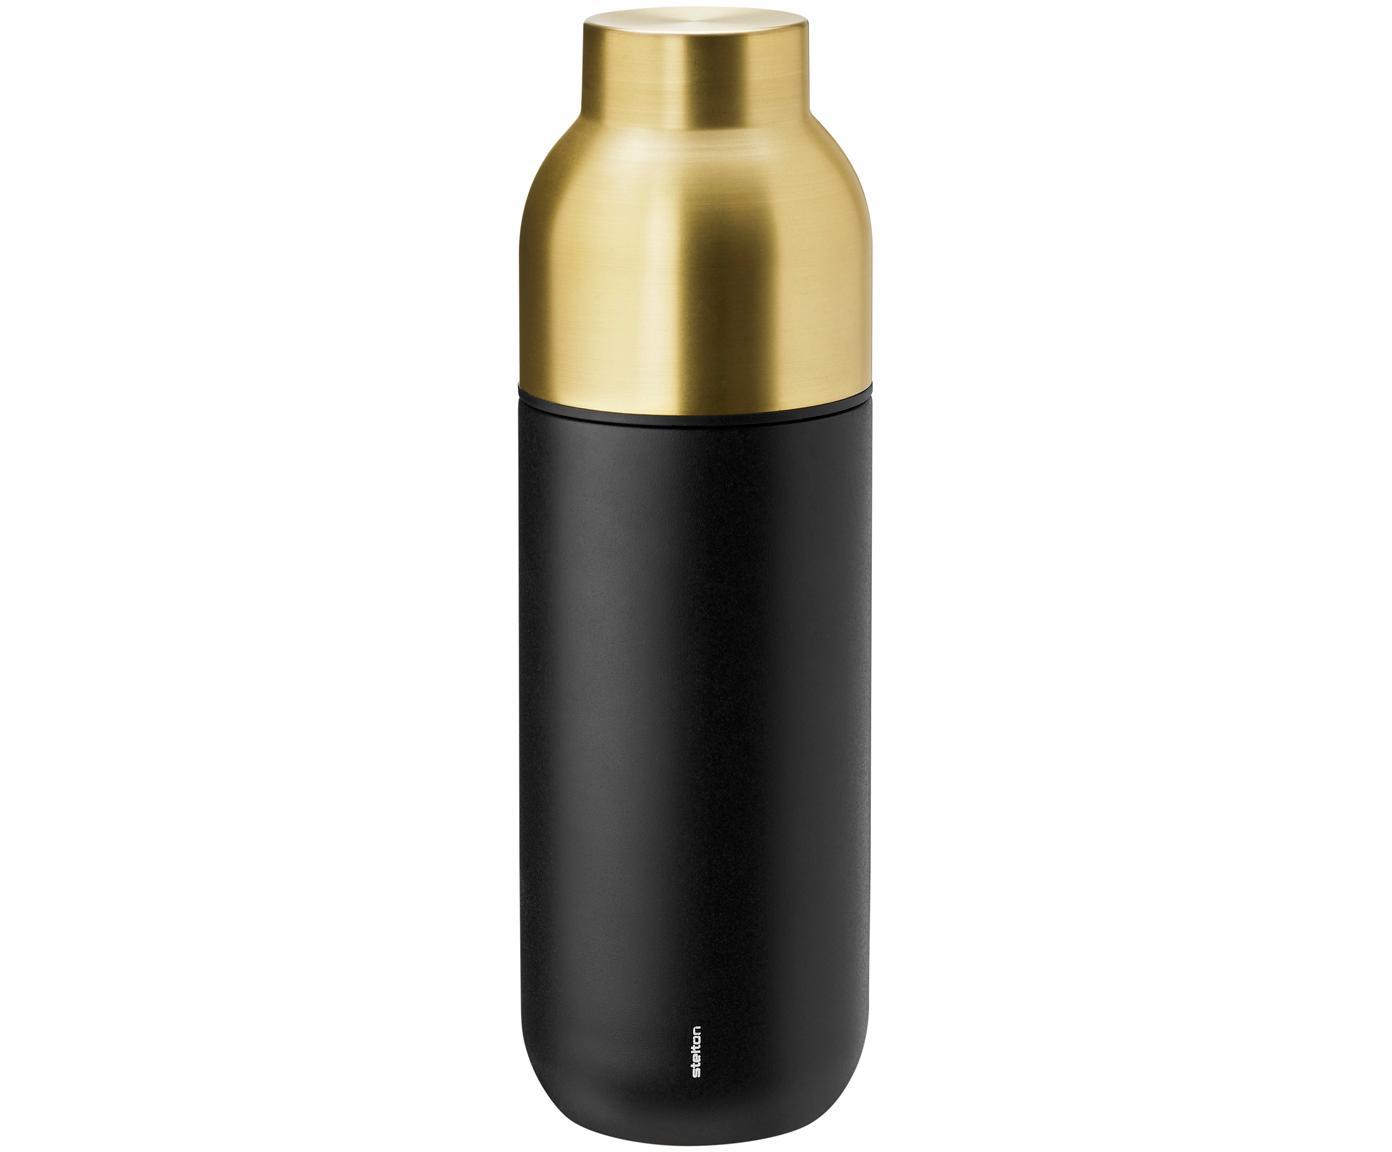 Isolierkanne Collar in Schwarz/Gold, Korpus: Edelstahl mit Teflonbesch, Korpus: Schwarz, mattSchraubverschluss: Messing, 750 ml